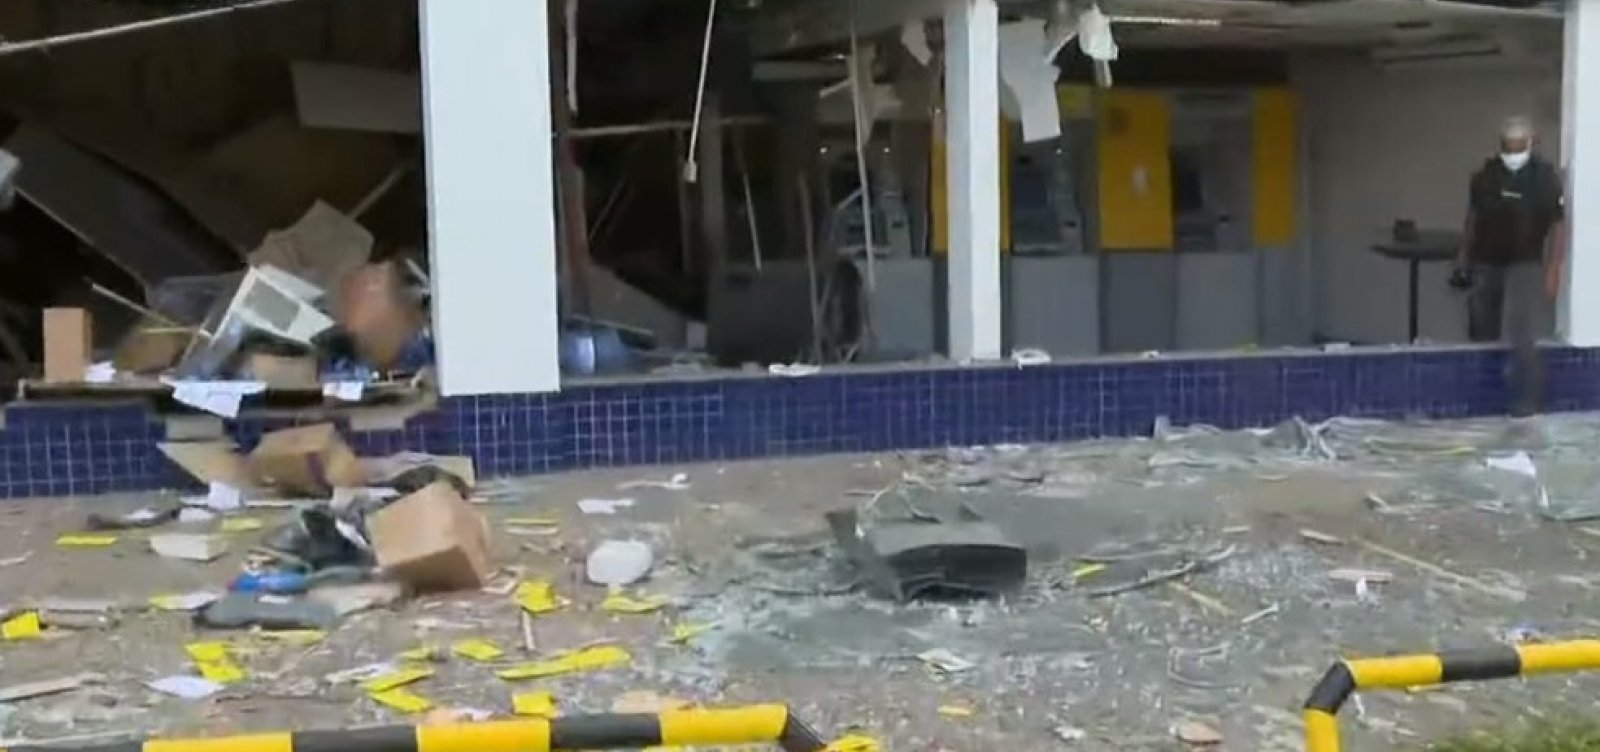 Criminosos atacam segunda agência do Banco do Brasil em quatro dias